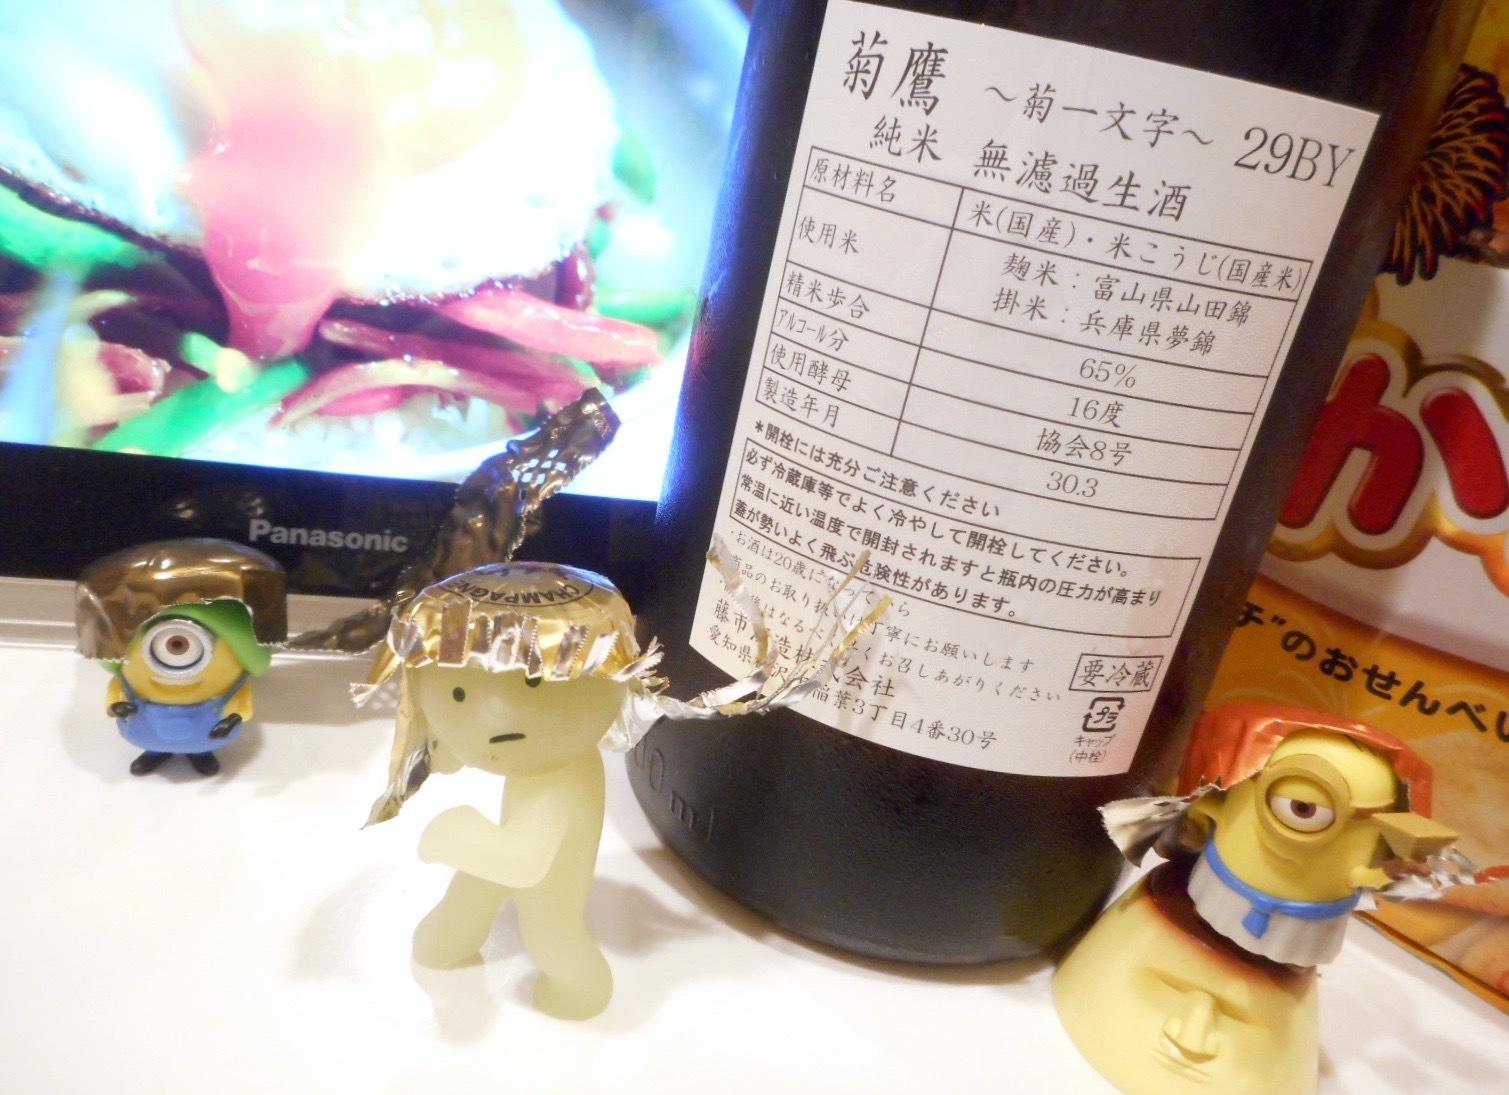 kikutaka8号酵母29by2